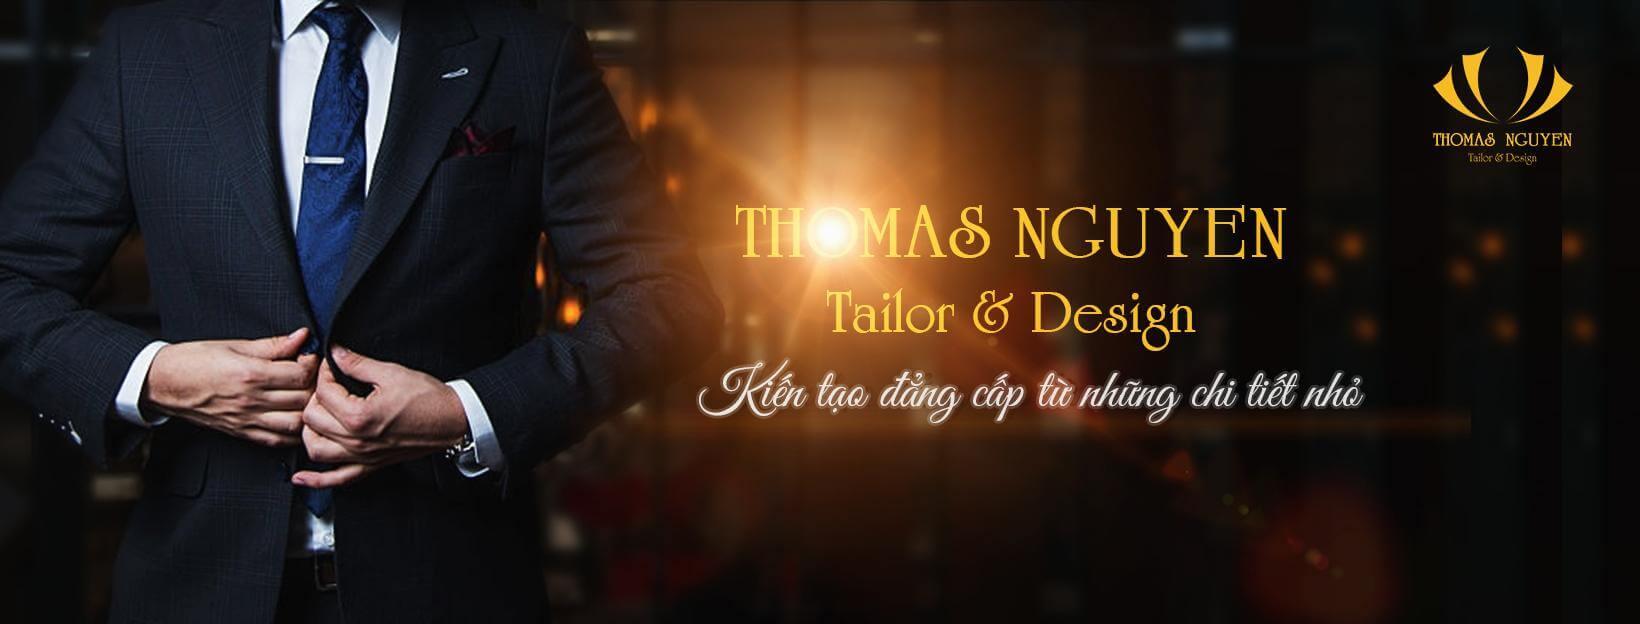 Thomas Nguyen Tailor & Design kiến tạo đẳng cấp từ những chi tiết sắc sảo